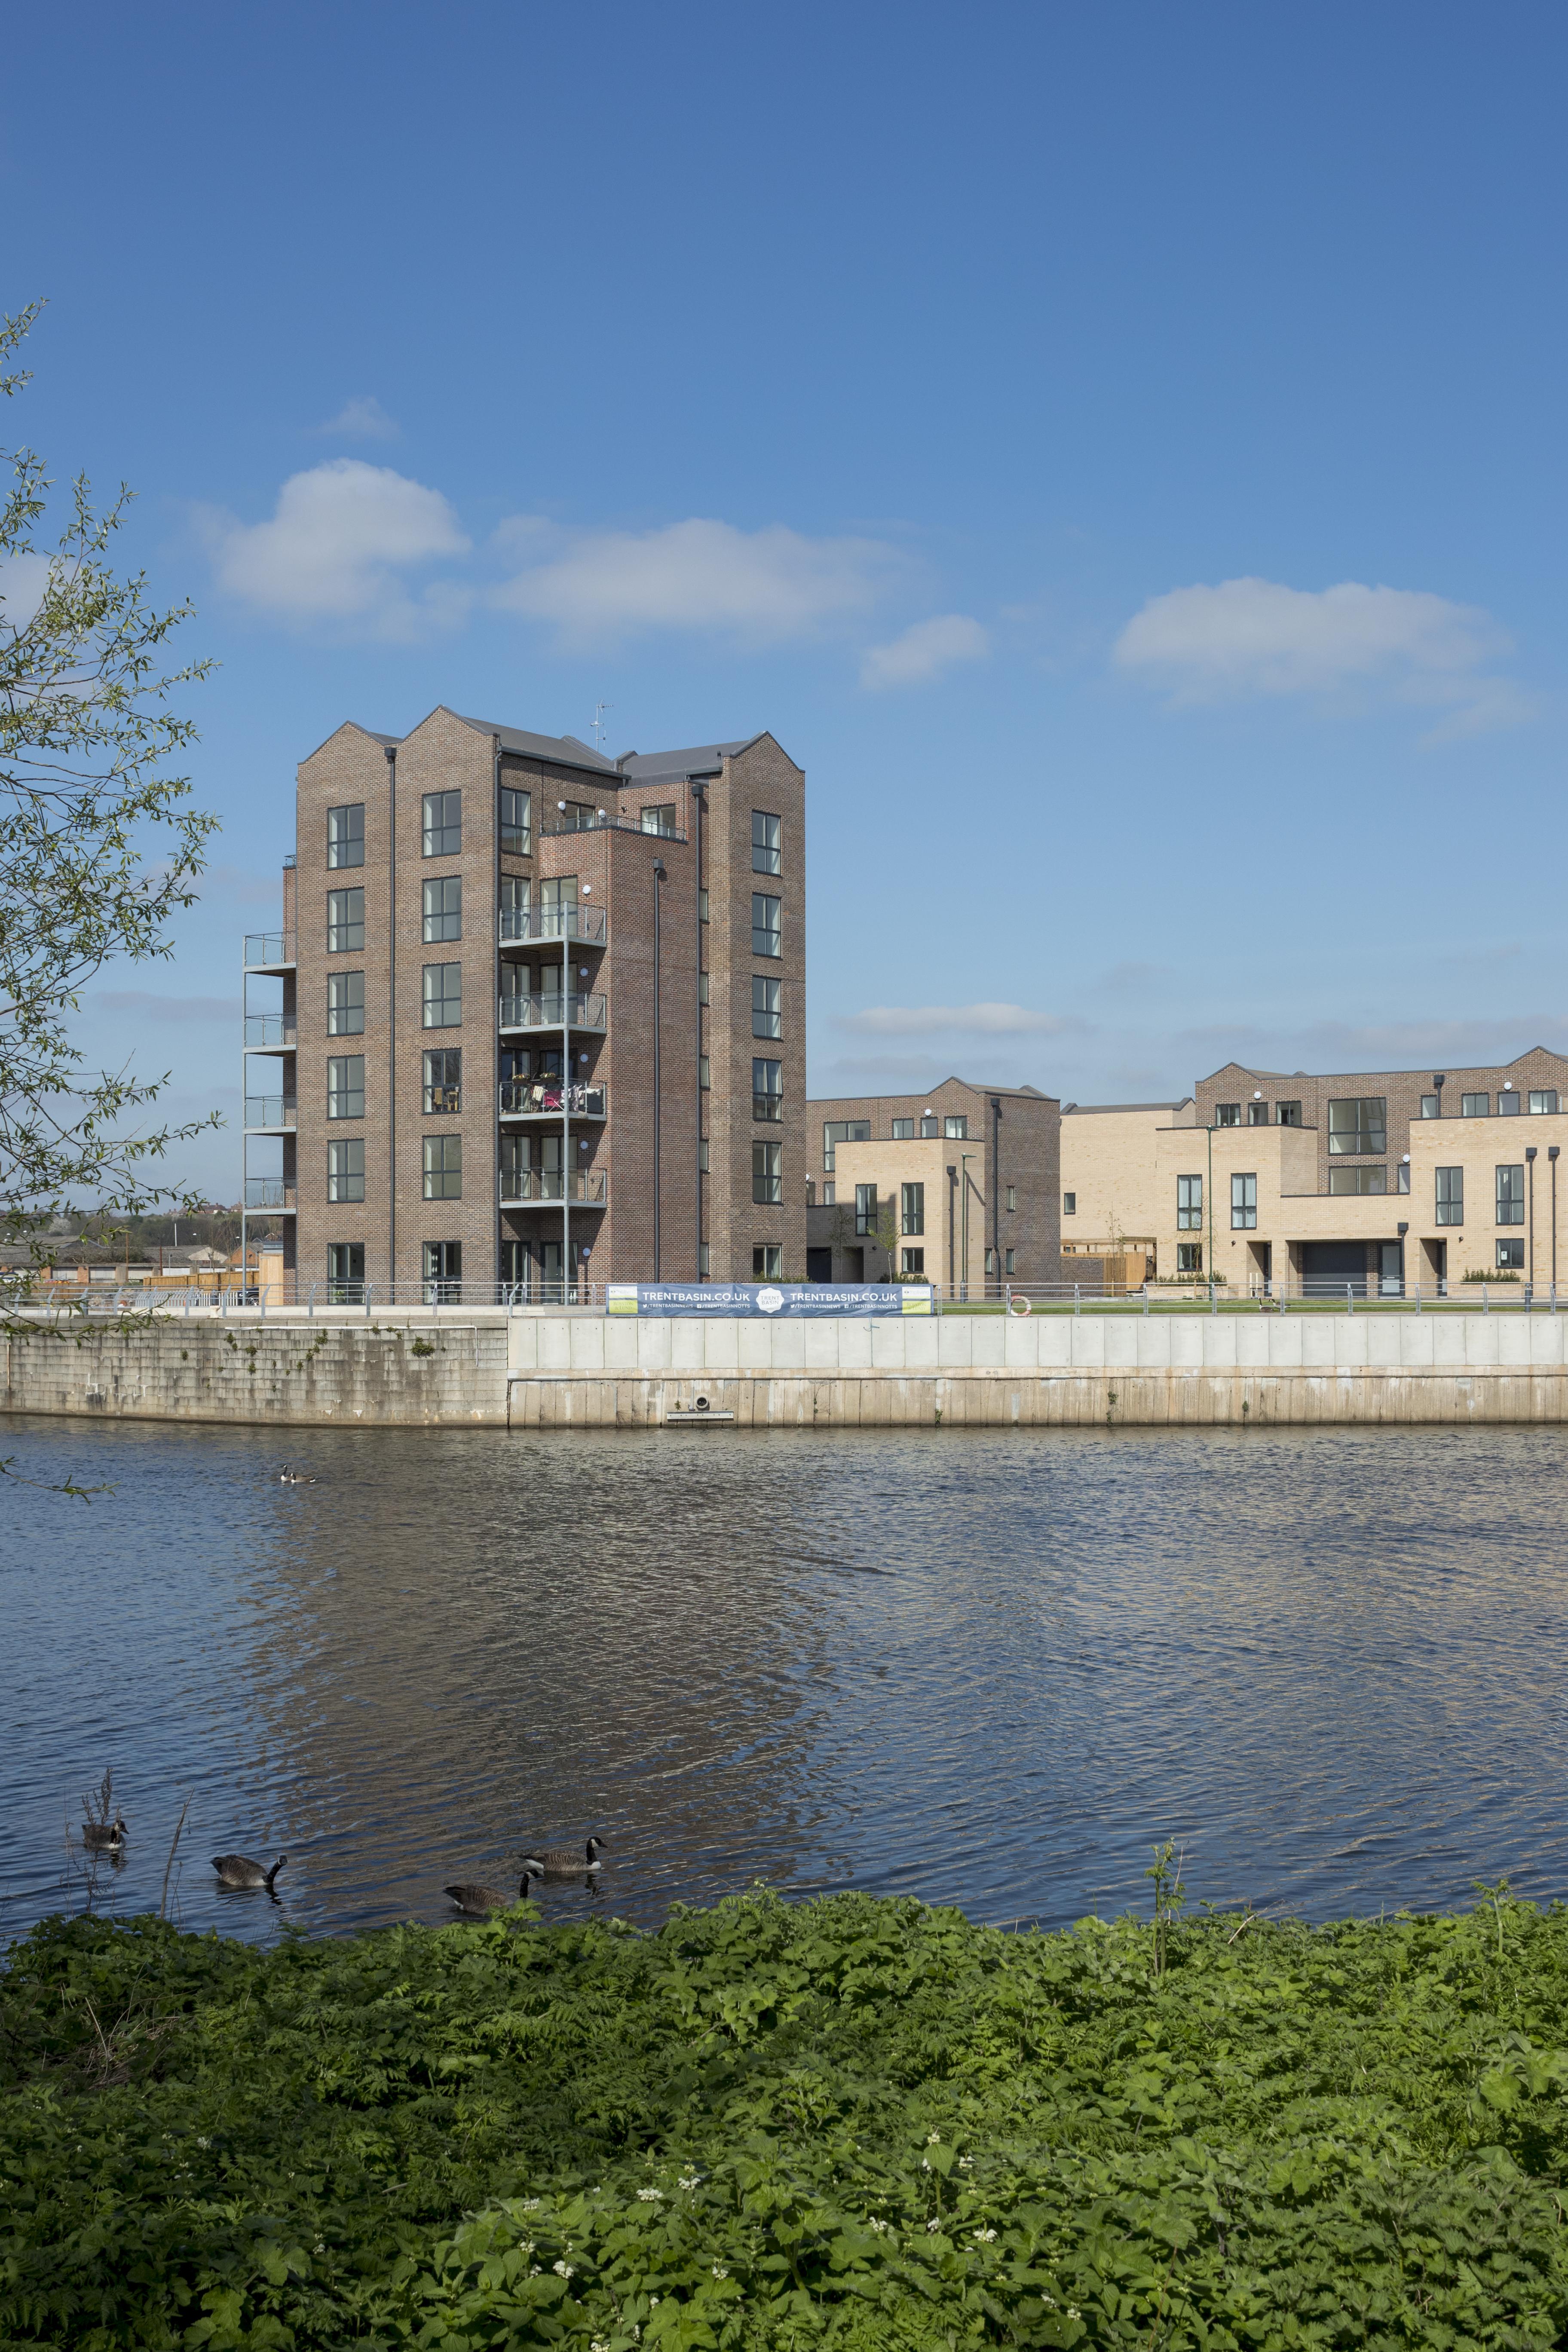 river trent trent apartments